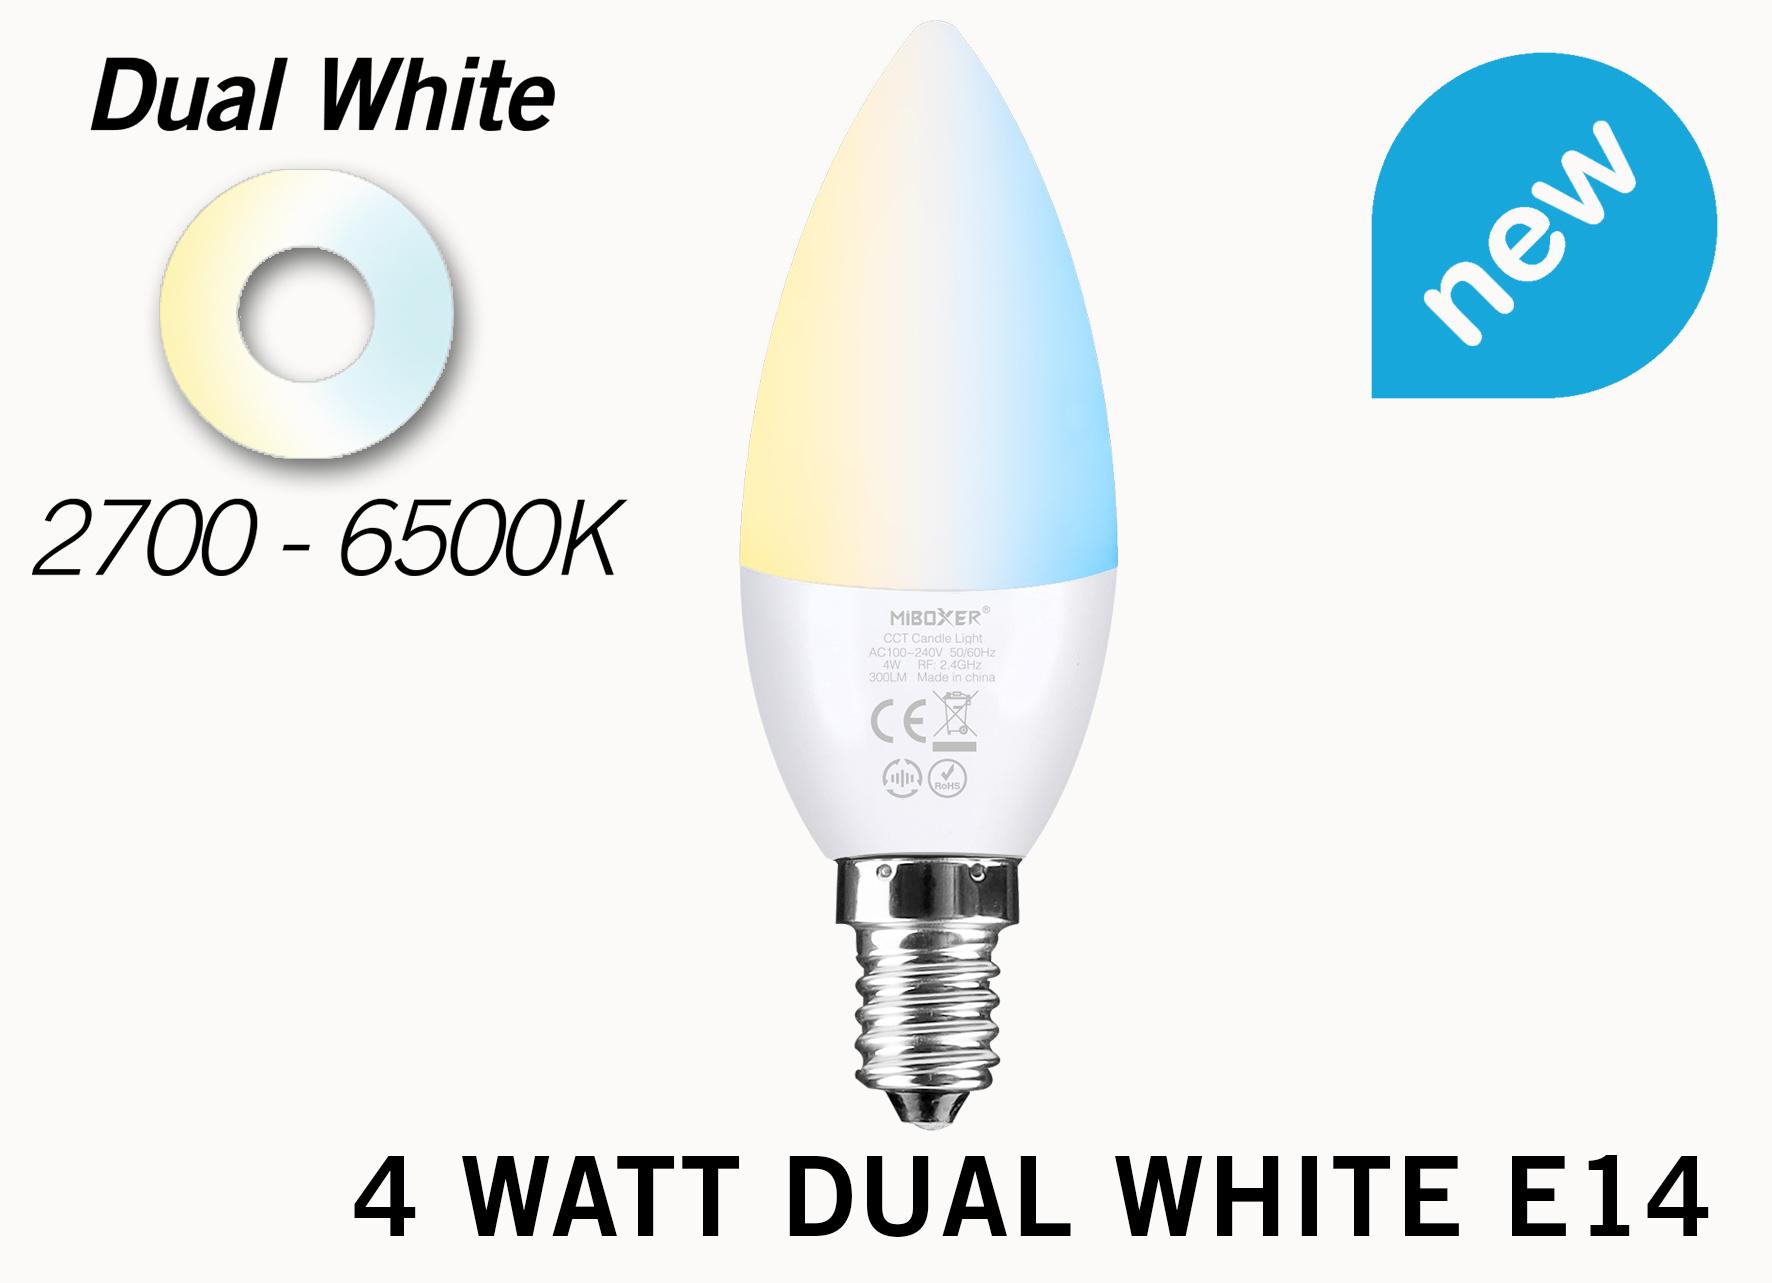 Mi·Light Miboxer / Mi-Light Kaarslamp 4W Dual White E14 Wifi LED Lamp